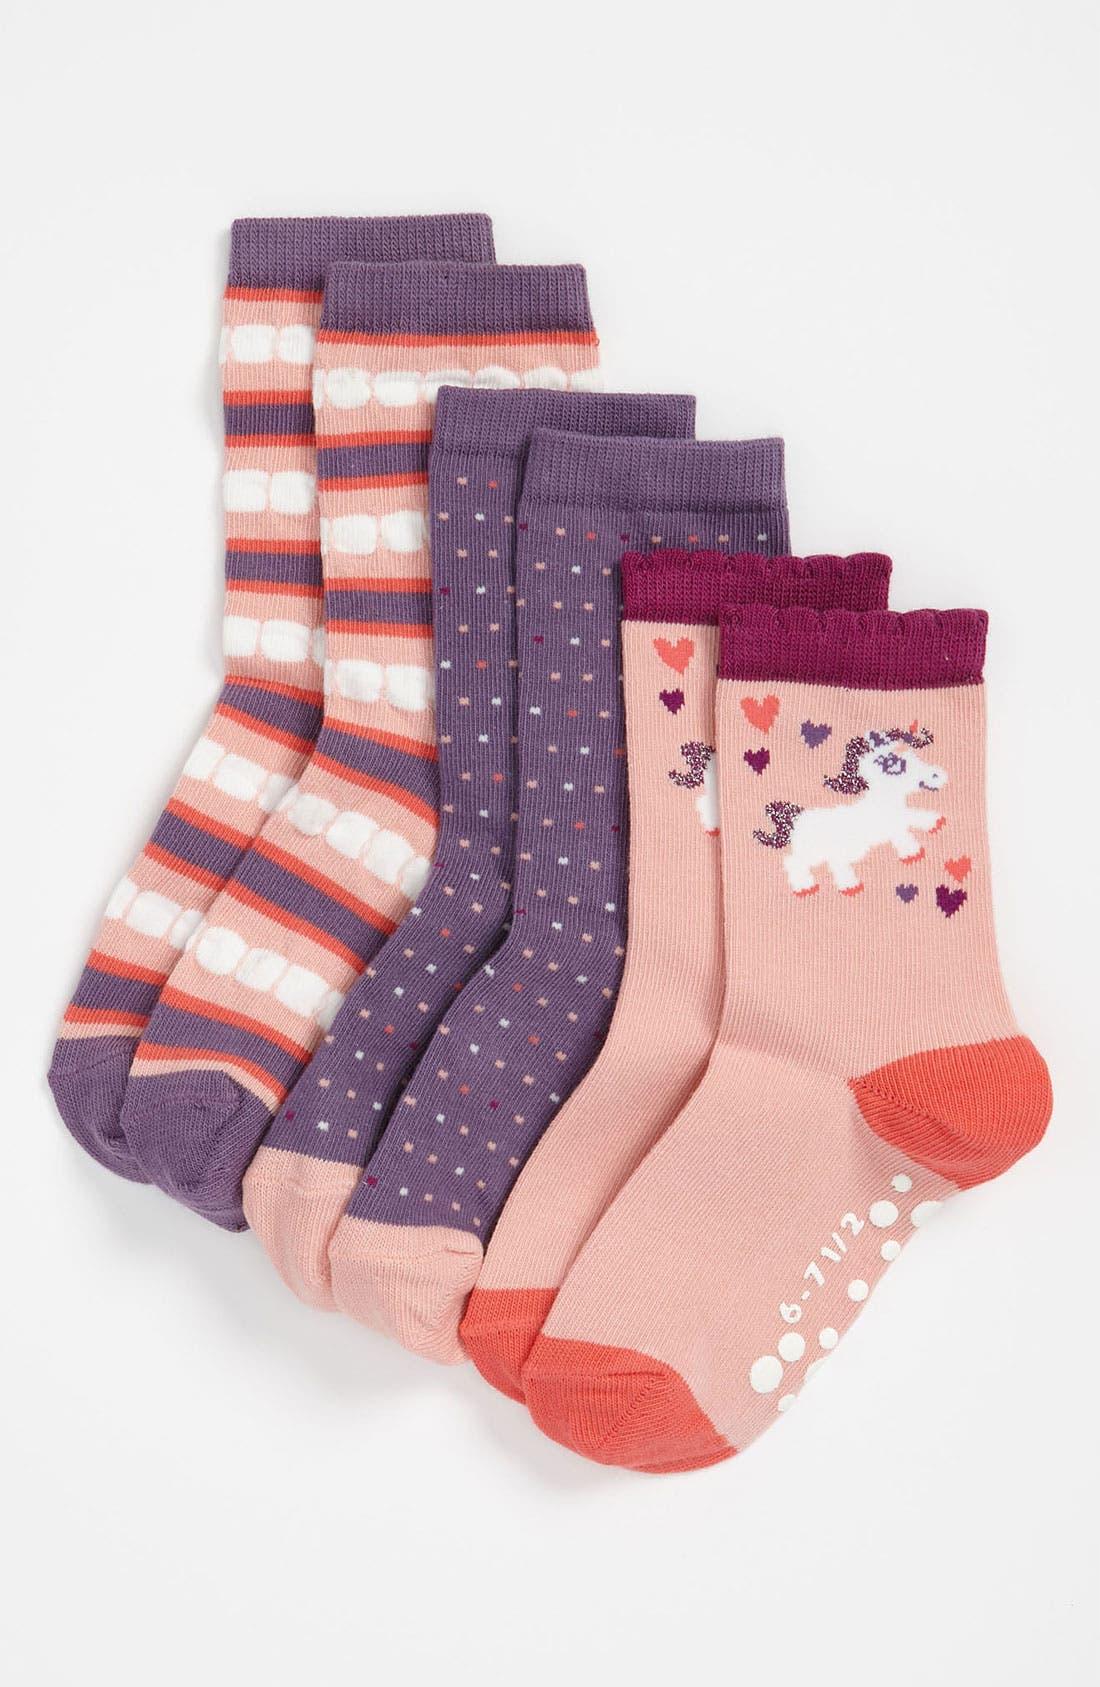 Main Image - Nordstrom 'Unicorn' Crew Socks (3-Pack) (Toddler & Little Girls)